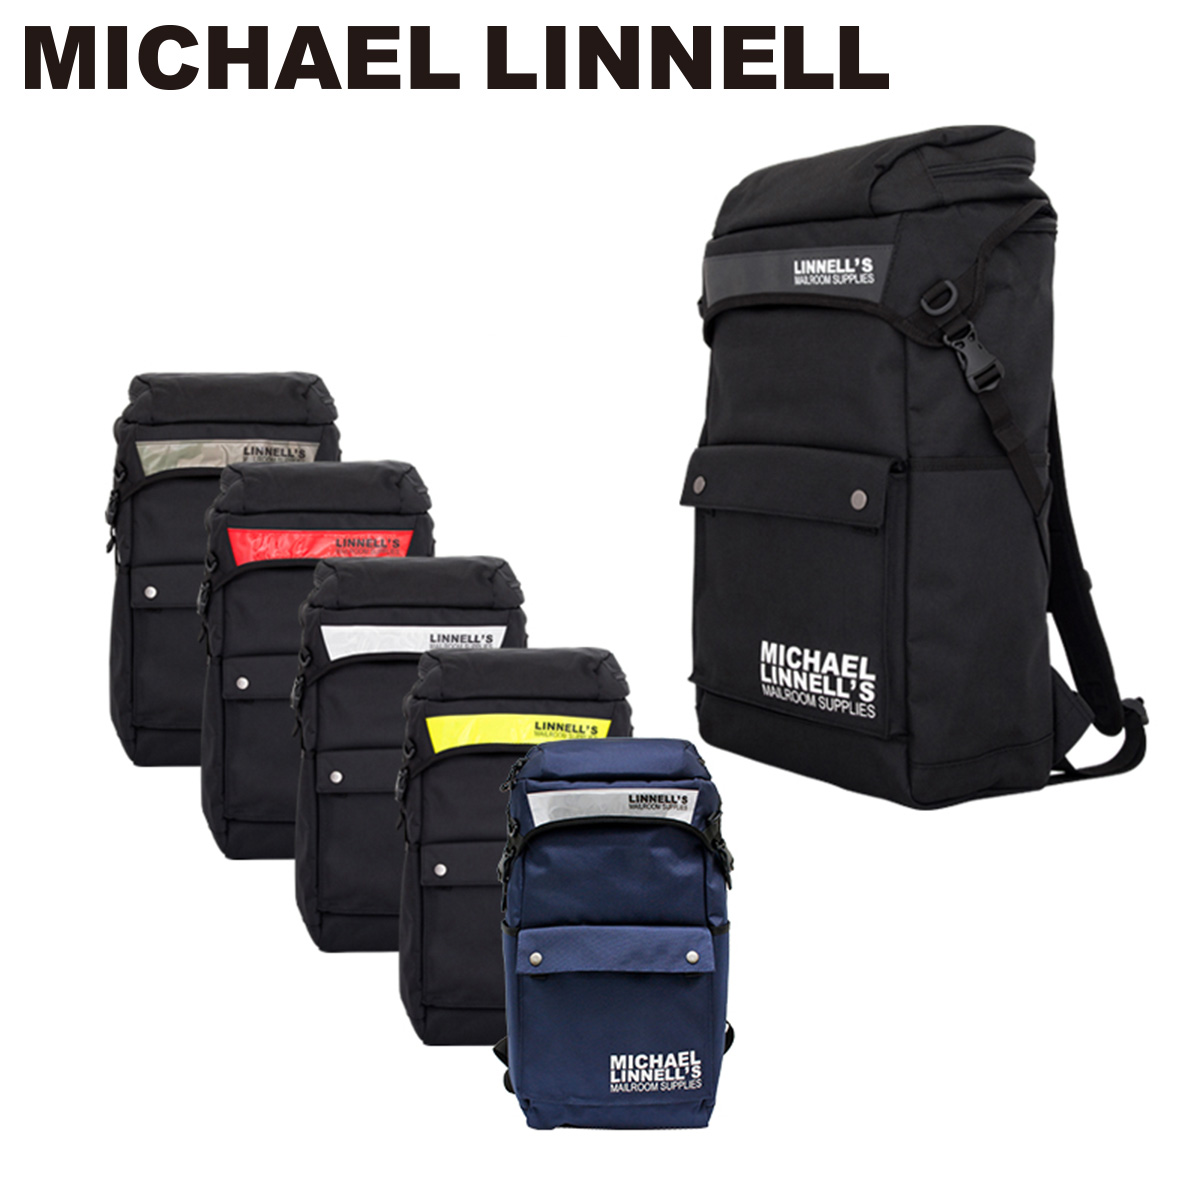 マイケルリンネル MICHAEL LINNELL リュック スクールバッグ ML 013ビジネスバッグ ブリーフケース メンズ 3WAY コーデュラナイロン リフレクター装備 撥水 軽量 befPO10redWoCxB